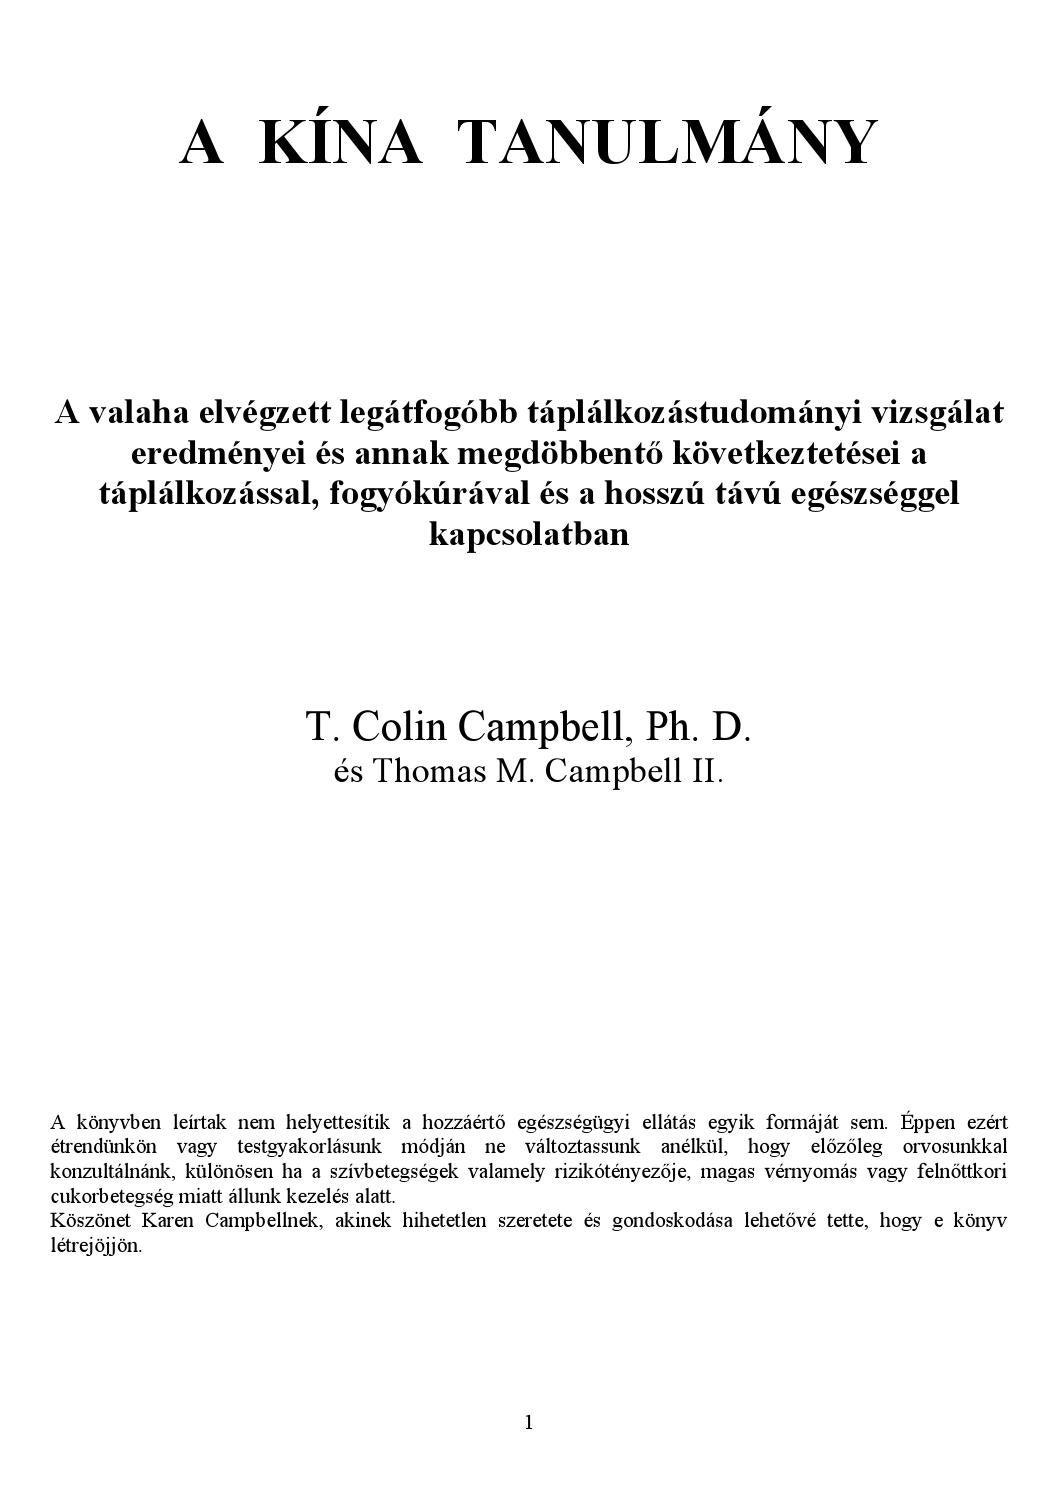 Nordic walking hipertónia vélemények masszázs hipertónia hipotenzió esetén